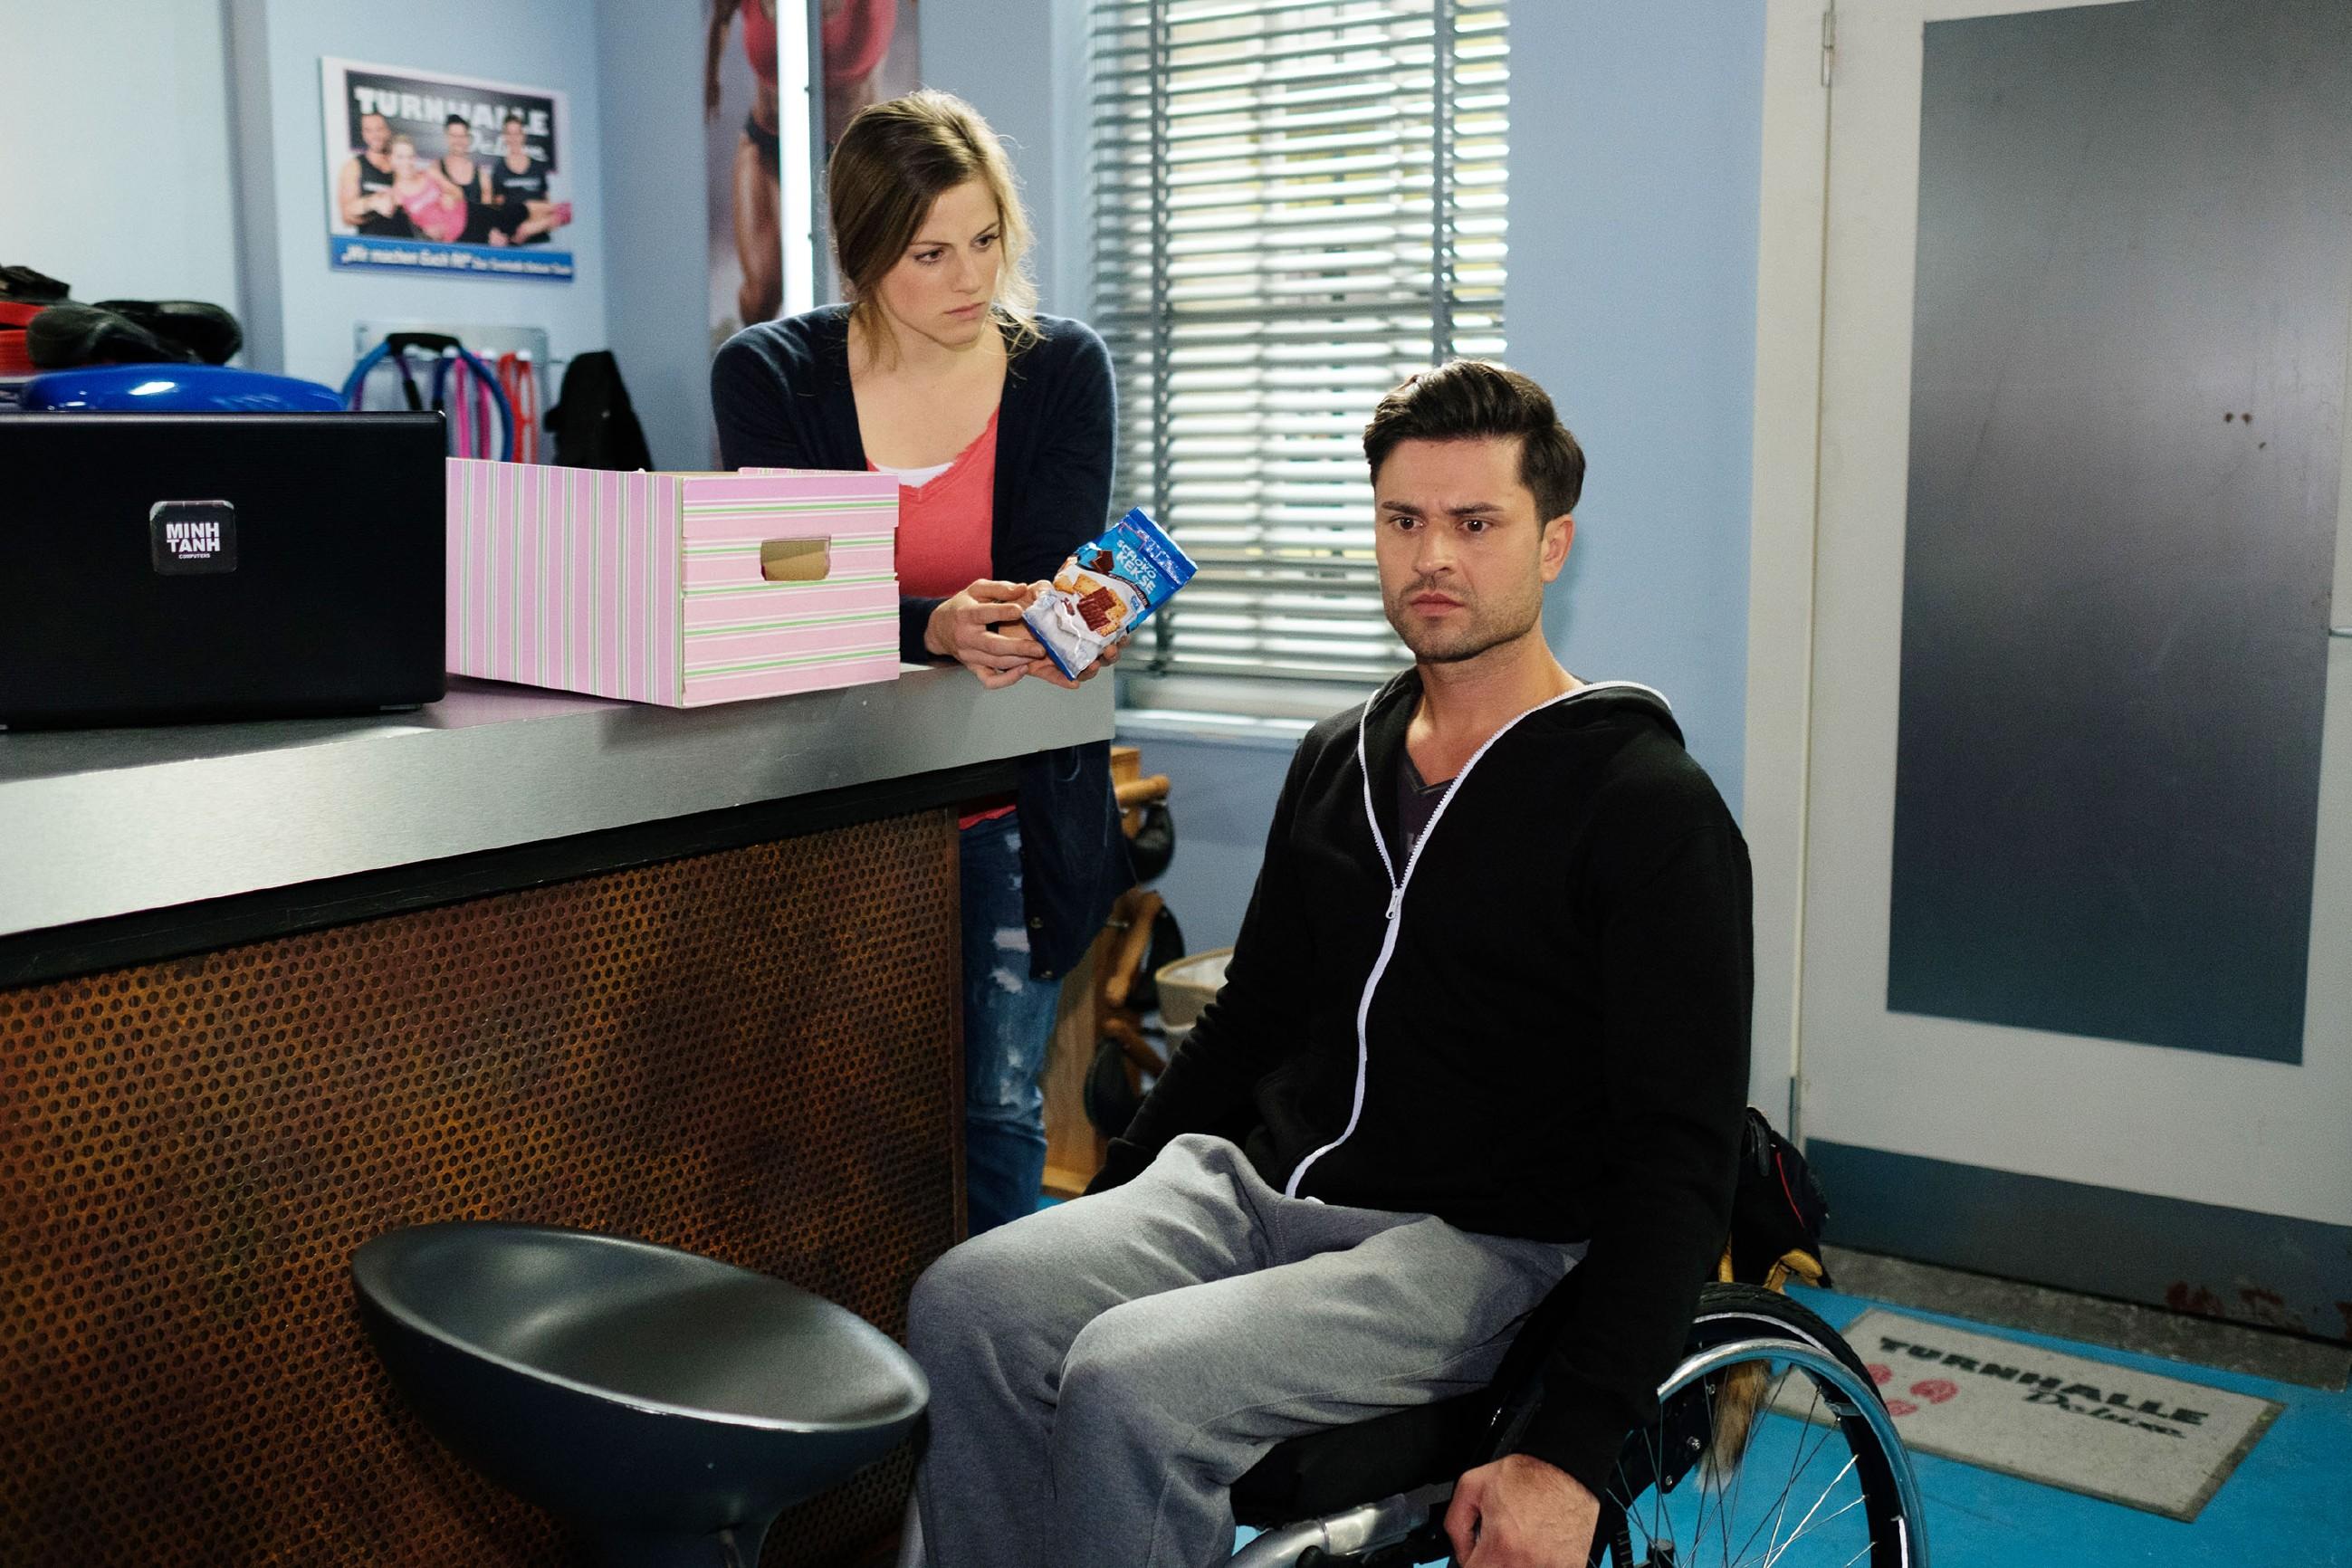 Als Elli (Nora Koppen) sich Sorgen um ihre Cousine macht, ringt Paco (Milos Vukovic) sich dazu durch, sein Versprechen an KayC zu brechen und Elli über den sexuellen Übergriff auf KayC aufzuklären. (Quelle: RTL / Stefan Behrens)